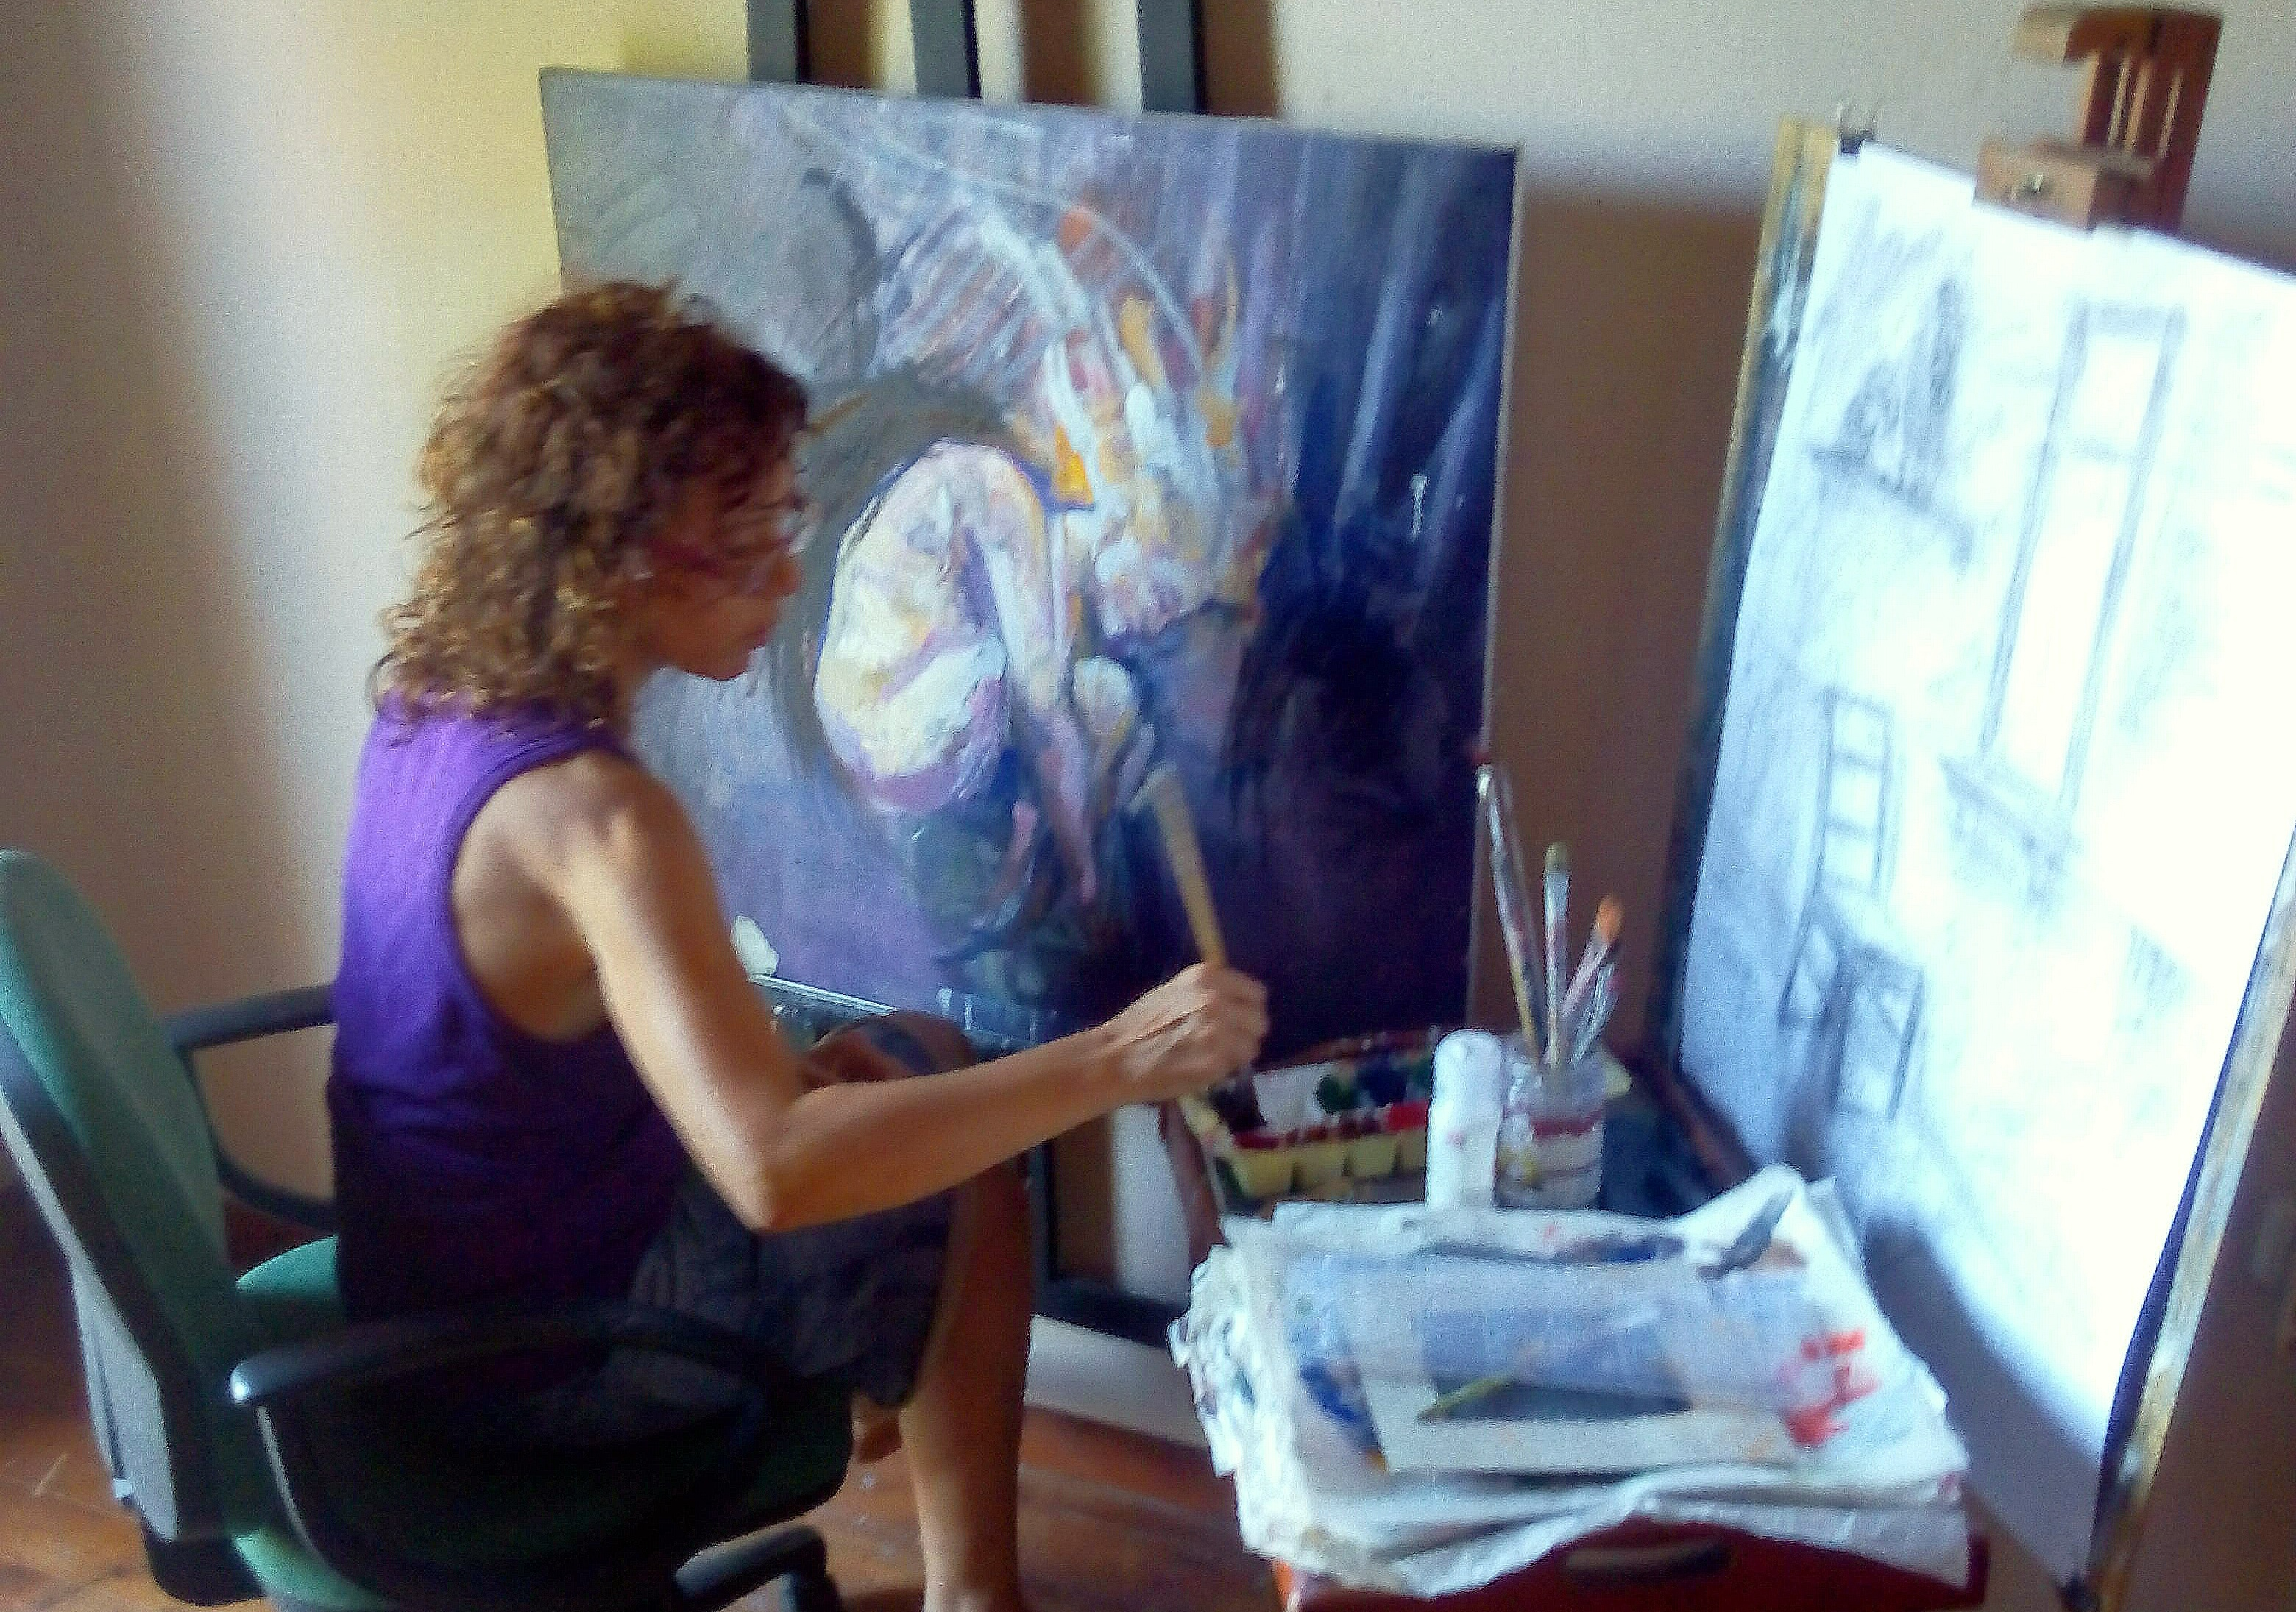 Νάγια Χρυσανθακοπούλου, ζωγράφος